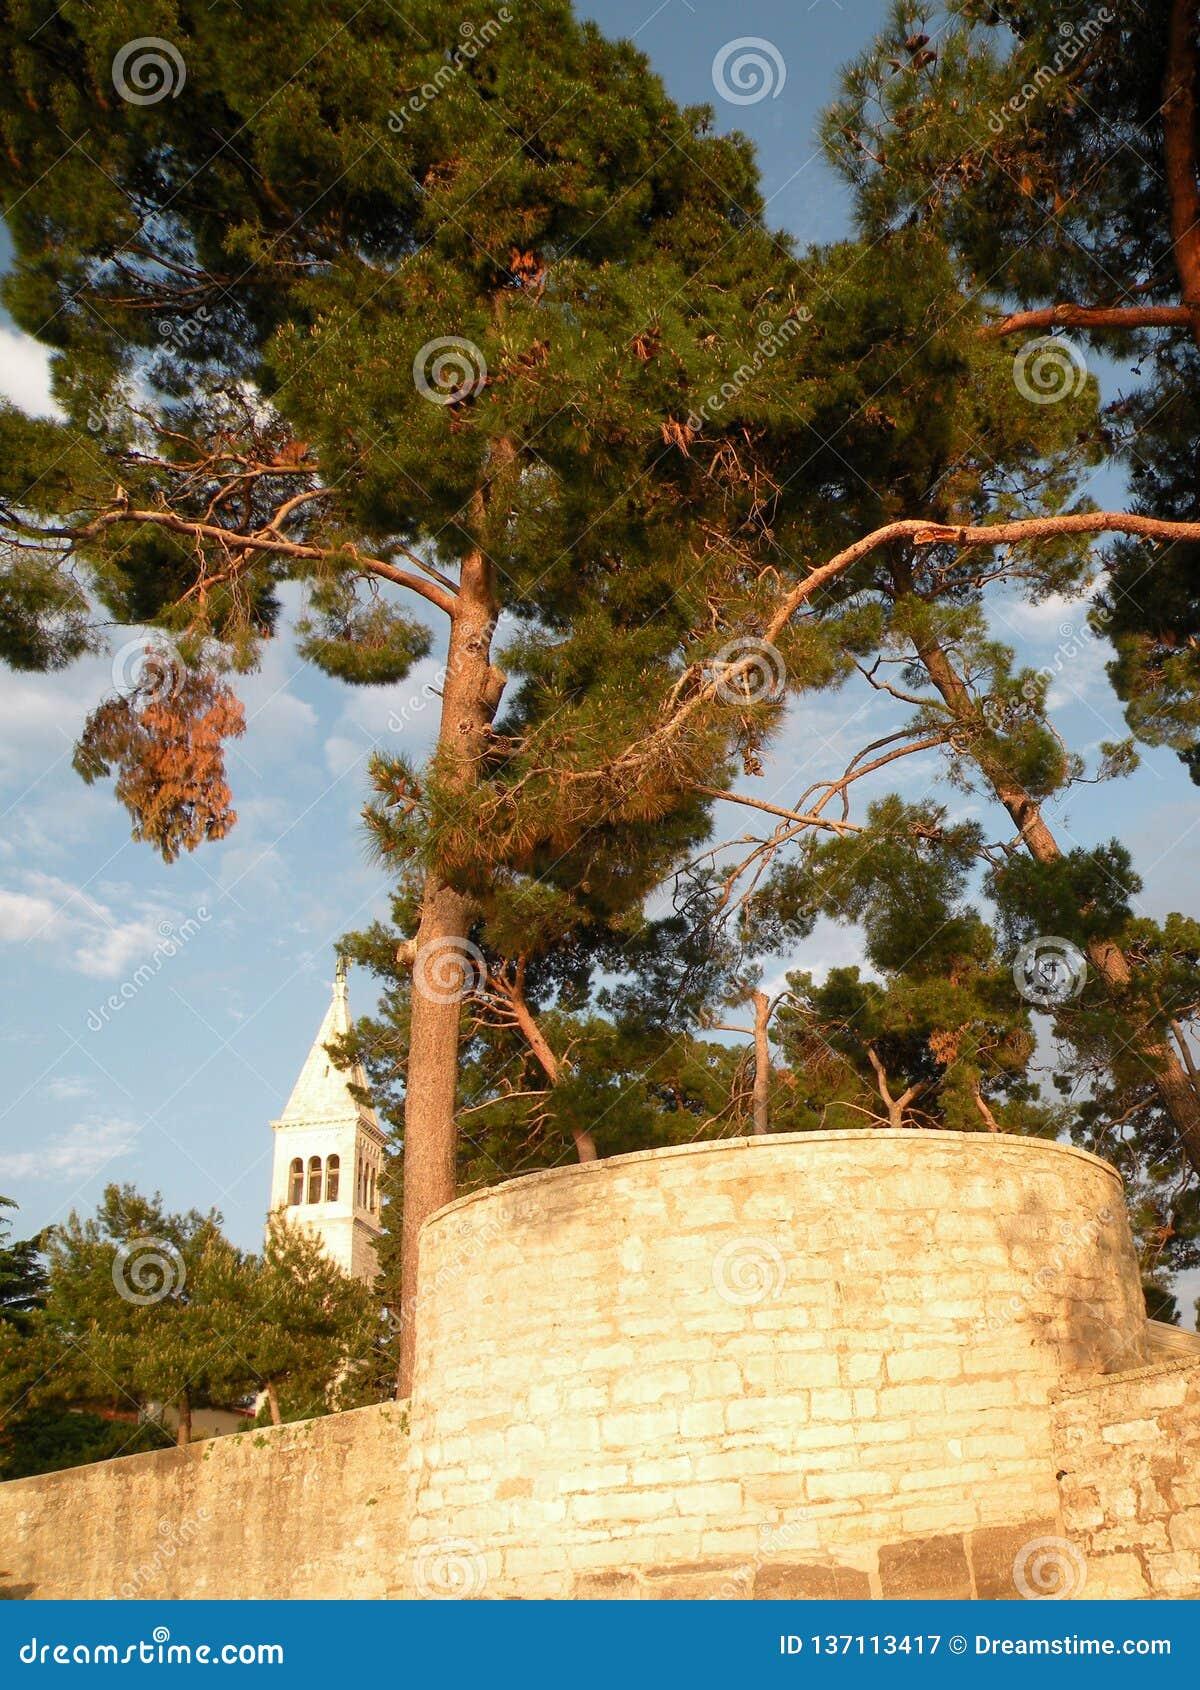 Παλαιά πόλη Istrian Novigrad, Κροατία Μια όμορφη εκκλησία με έναν υψηλό κομψό πύργο κουδουνιών, αλέες πετρών και ένα παλαιό μεσογ